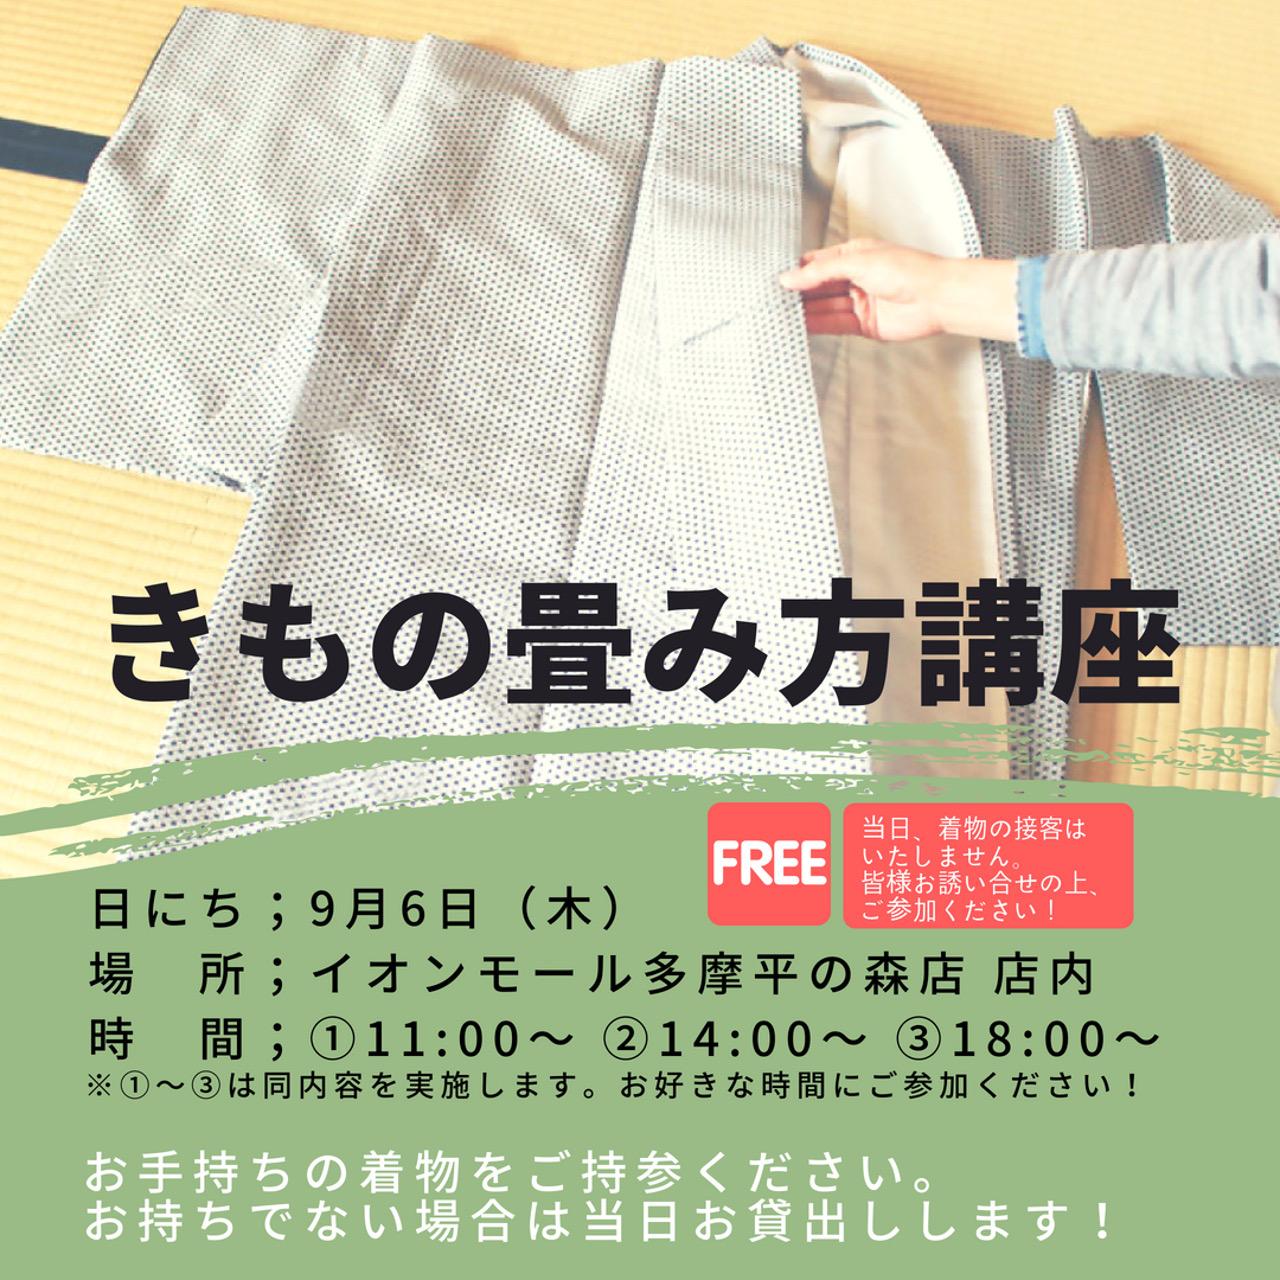 無料♪きもの畳み方講座@イオンモール多摩平の森店